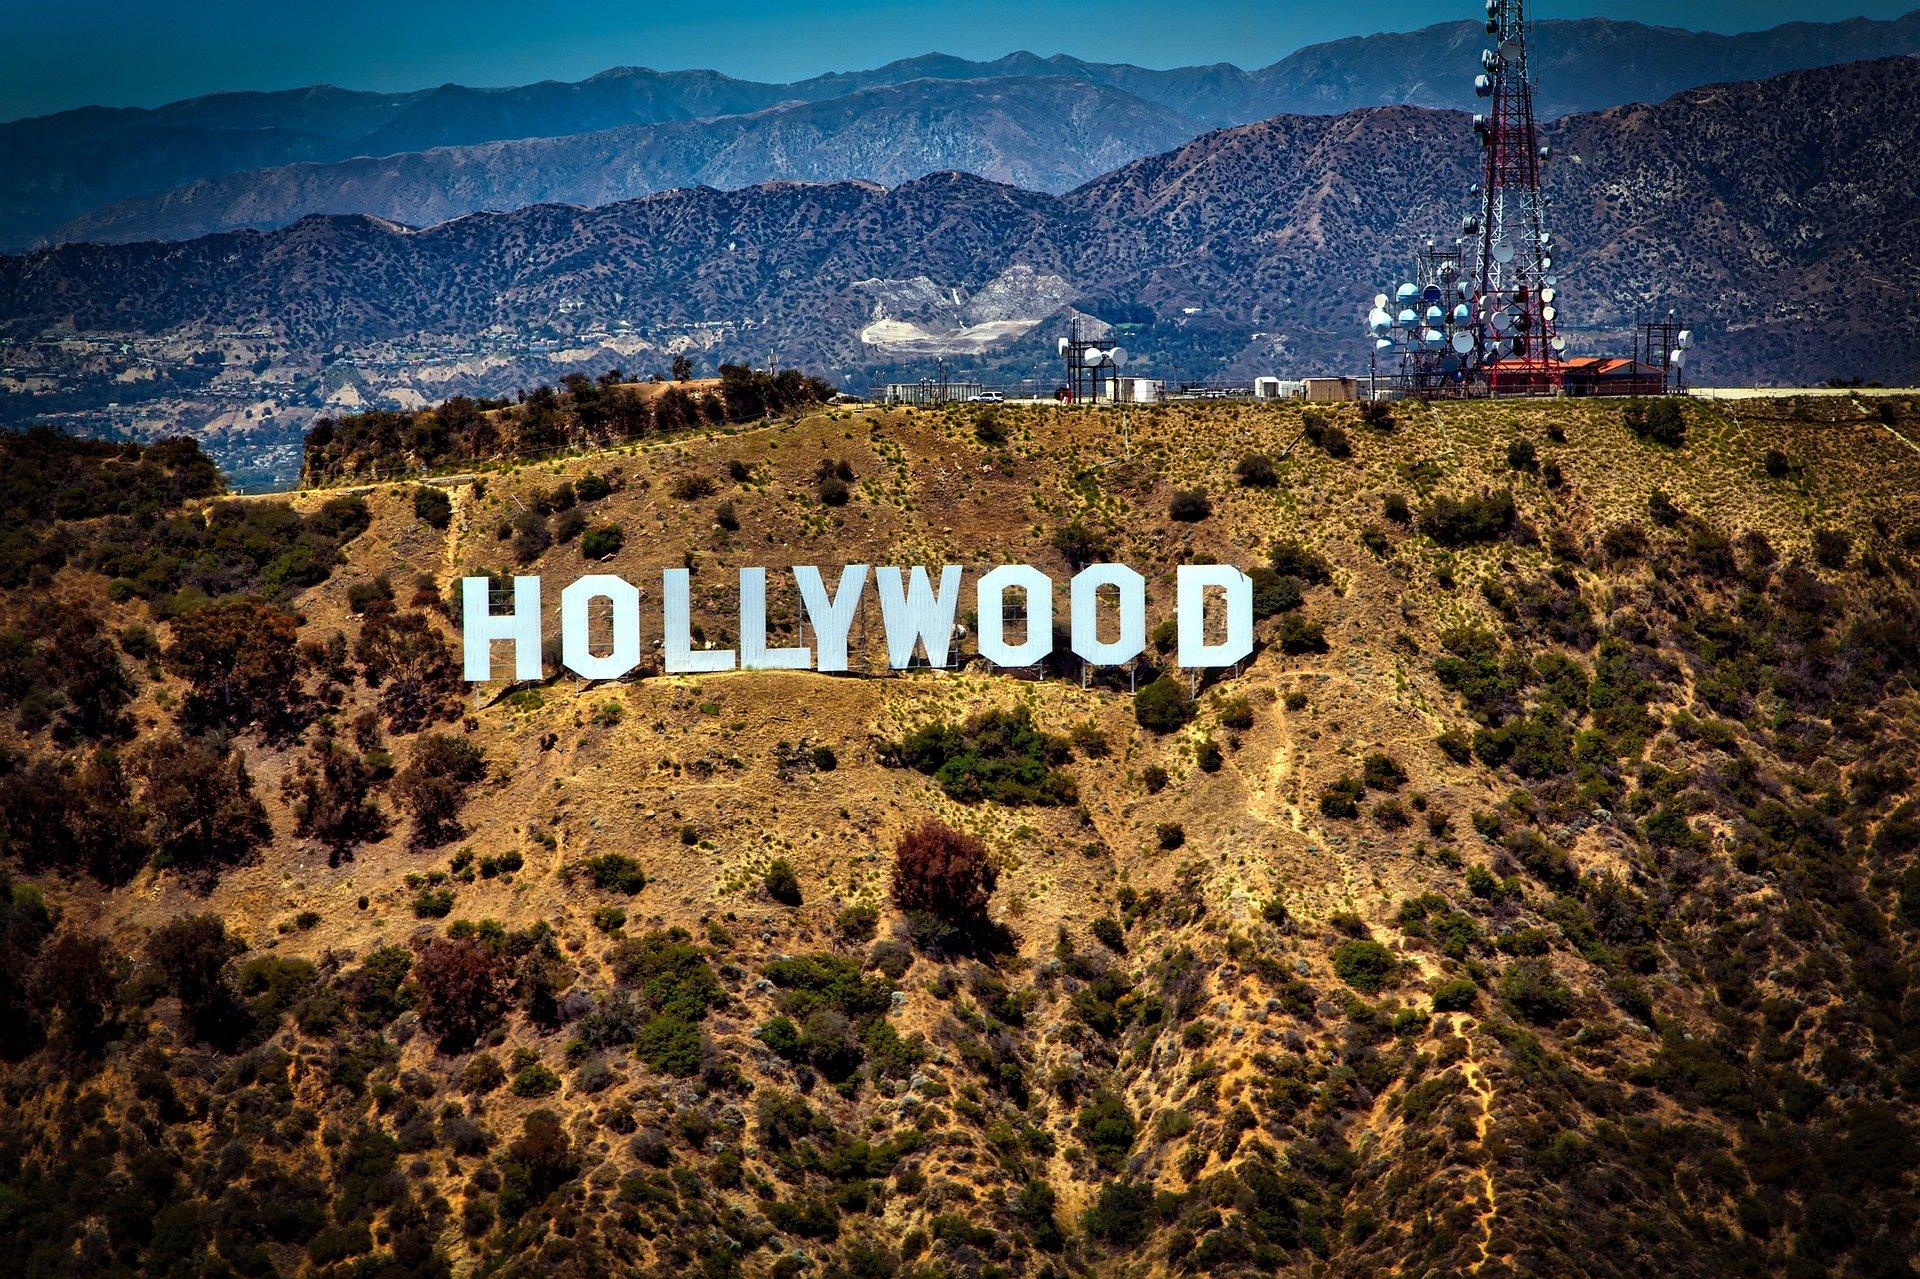 おすすめ関連情報 ロサンゼルス行き格安航空券 成田ロサンゼルス 関空ロサンゼルス 名古屋ロサンゼルス 旅TIME